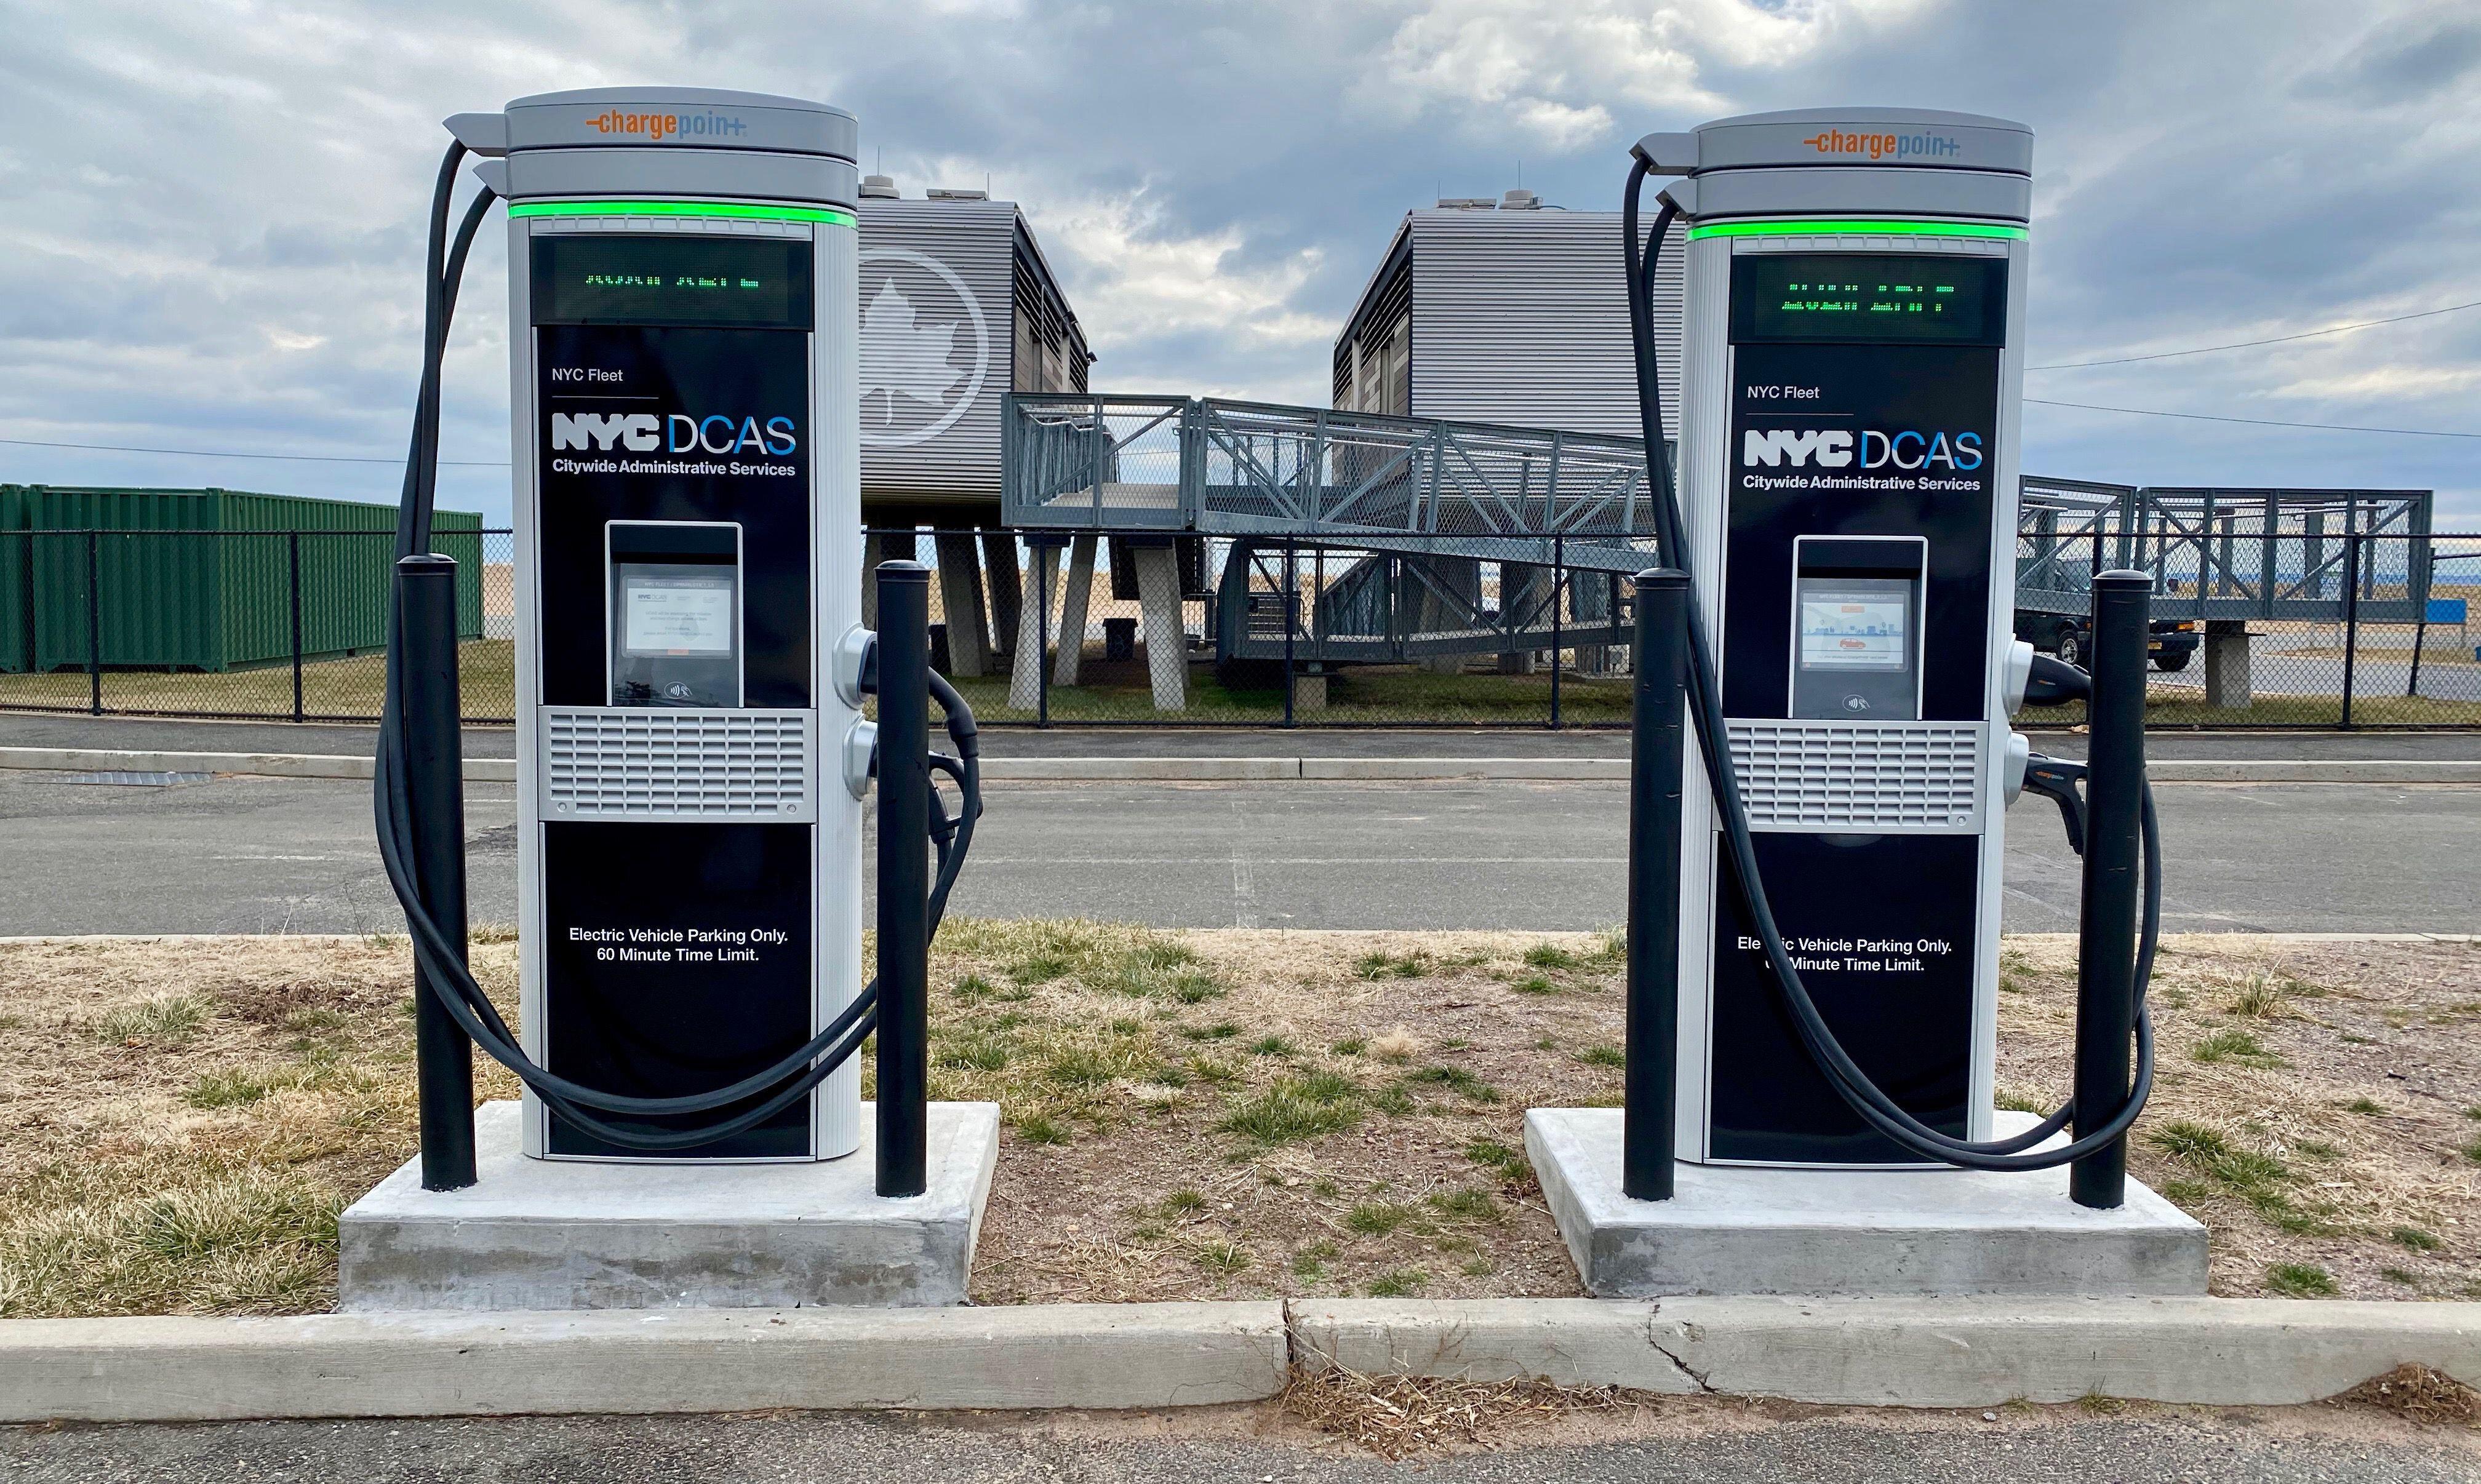 Böylece artık eyalette birçok farklı noktaya elektrikli otomobil şarj istasyonlarının kurulması için de büyük bir çaba var.